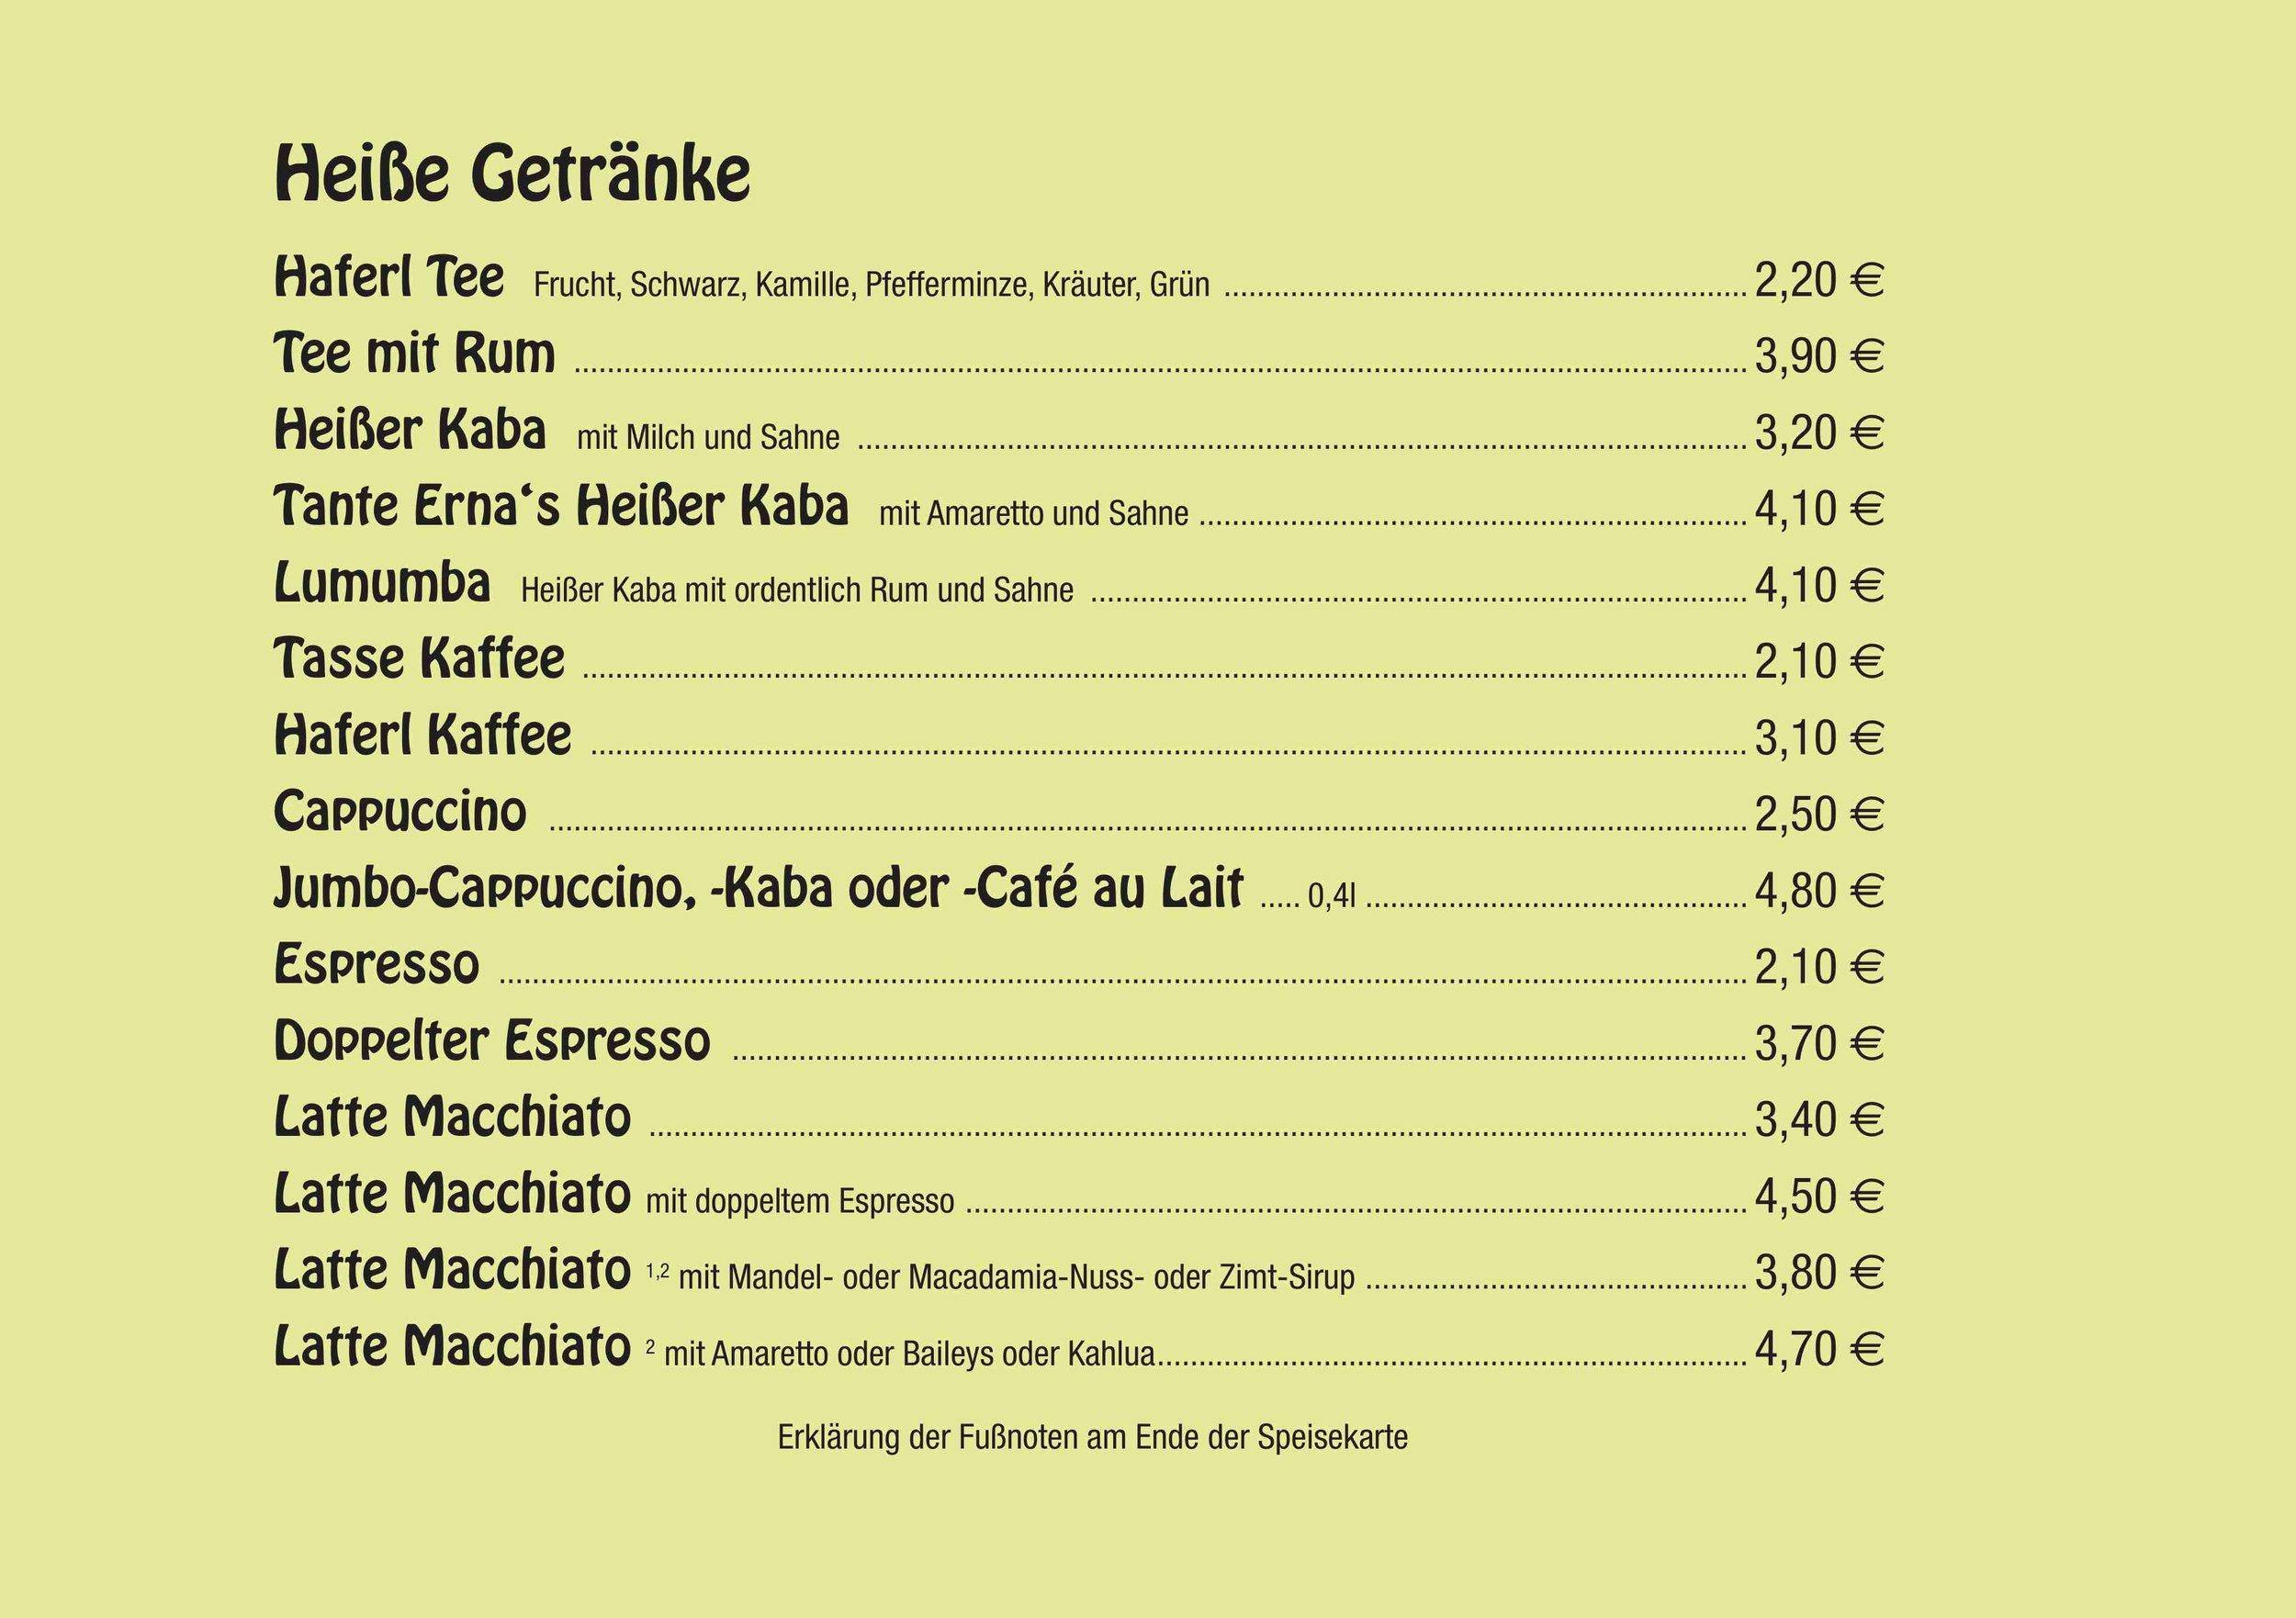 Kesselhaus_Bad_Tölz_Speisekarte_Heiße_Getränke.jpg